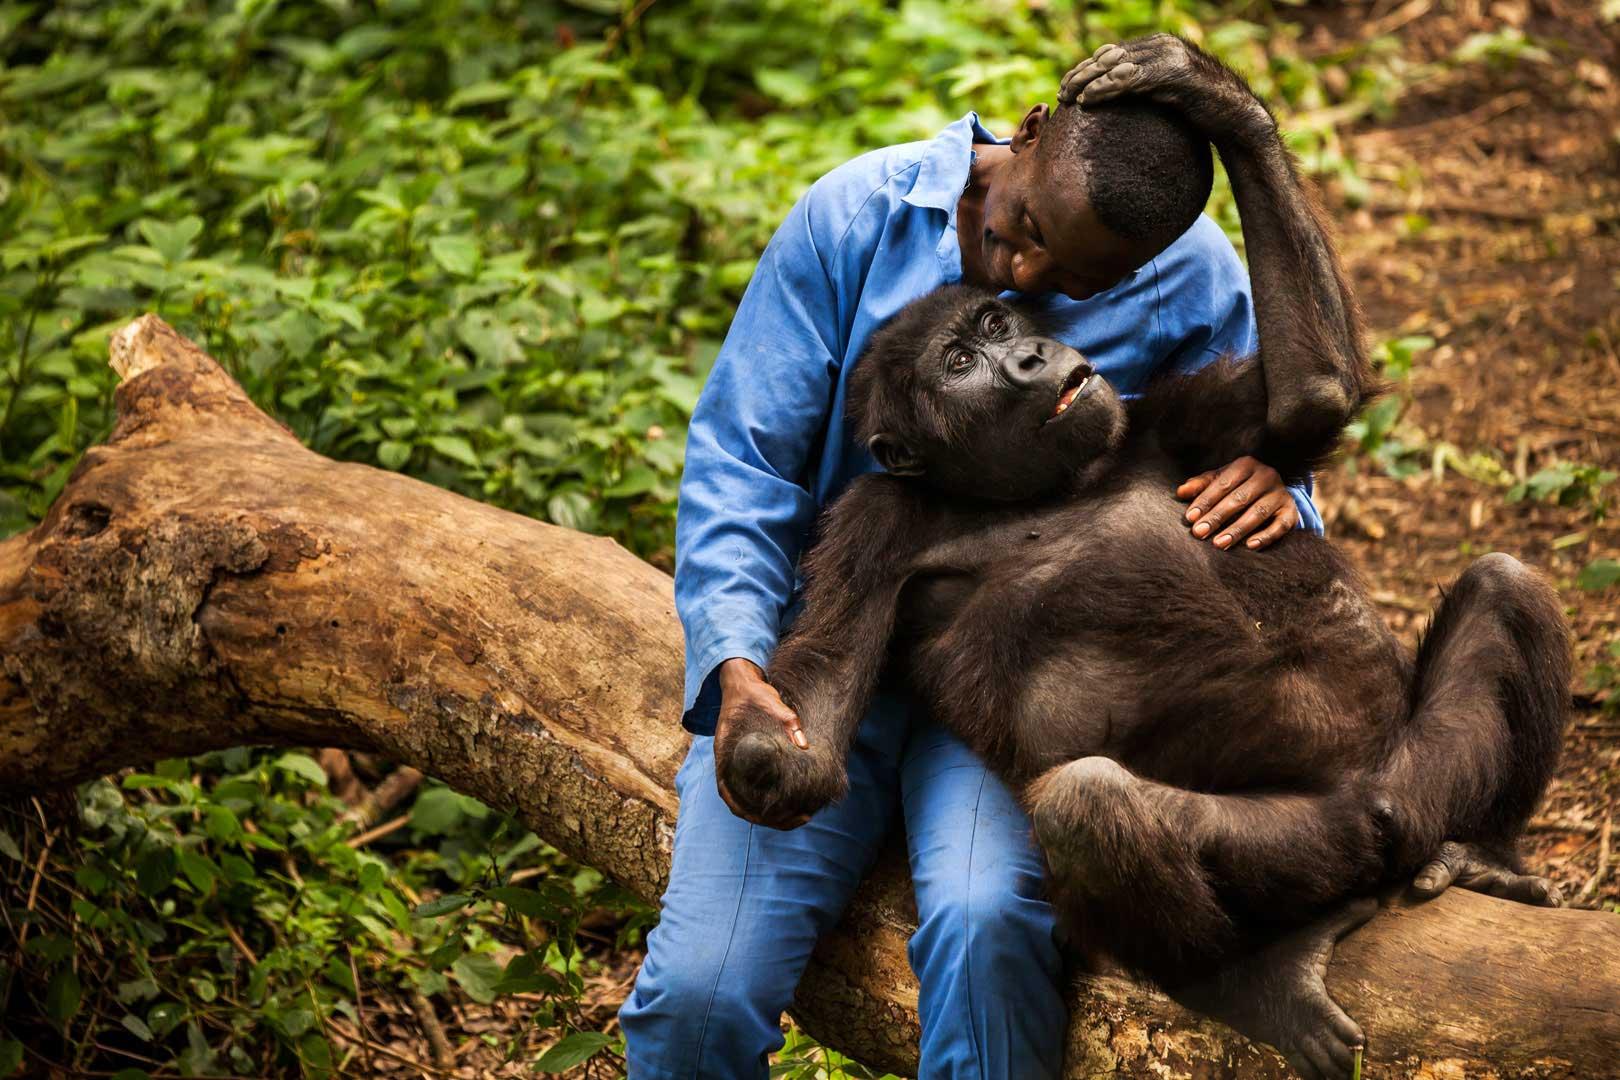 Images of Gorilla   1620x1080